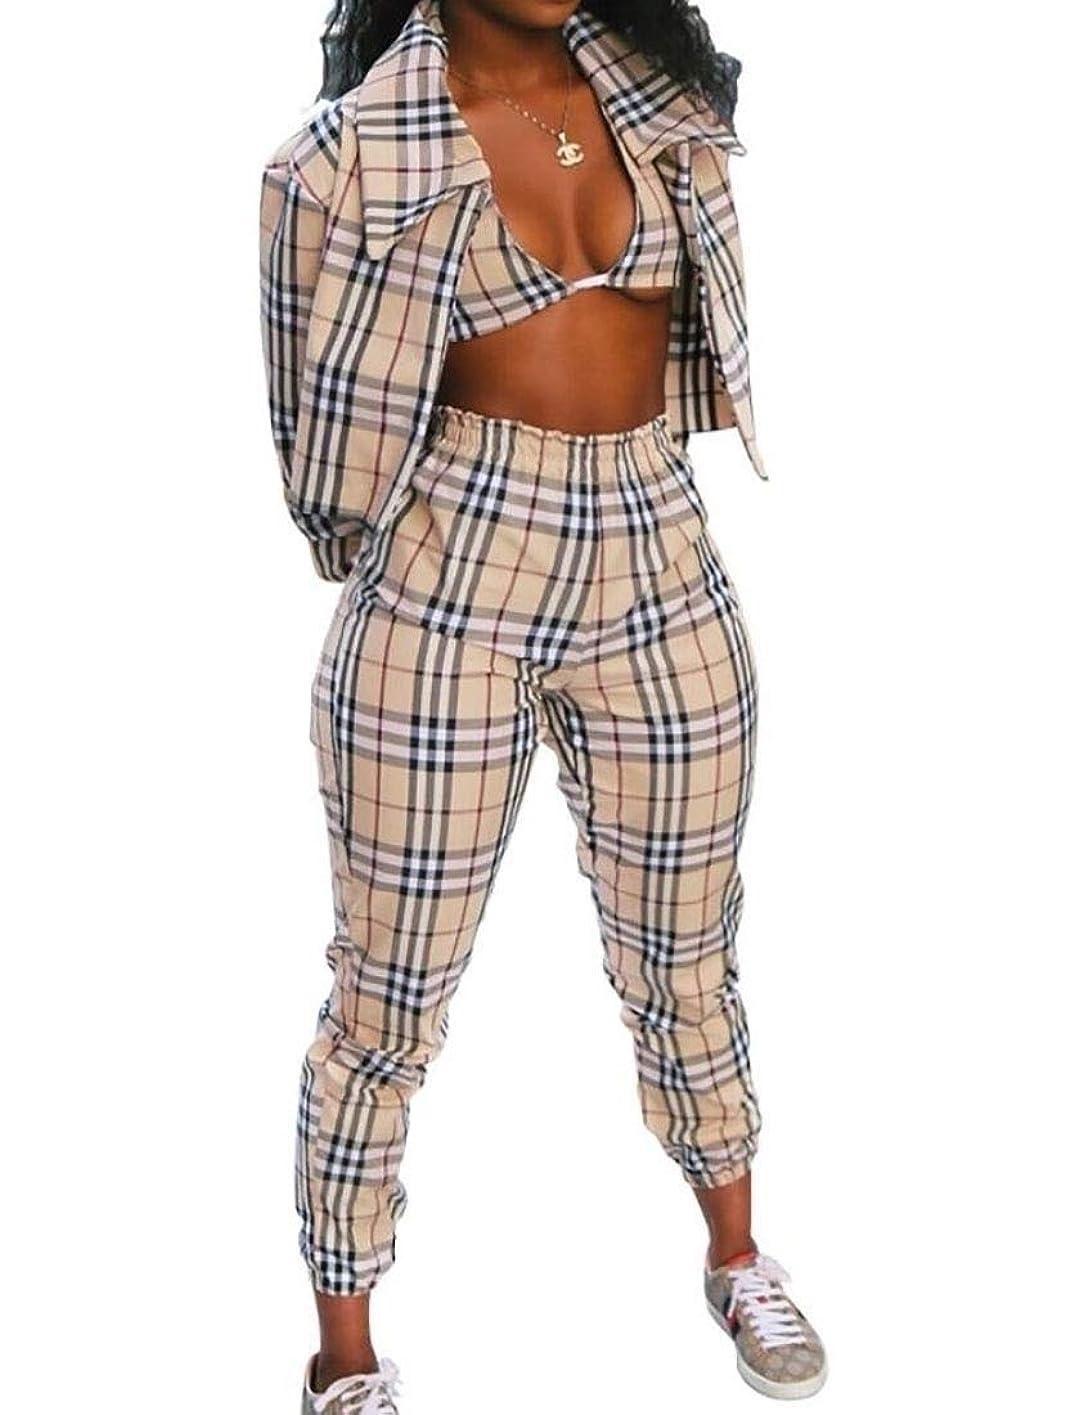 よりモットーぼかし女性セクシーbodyconブラとジャケットロングパンツの衣装は3ピースを設定